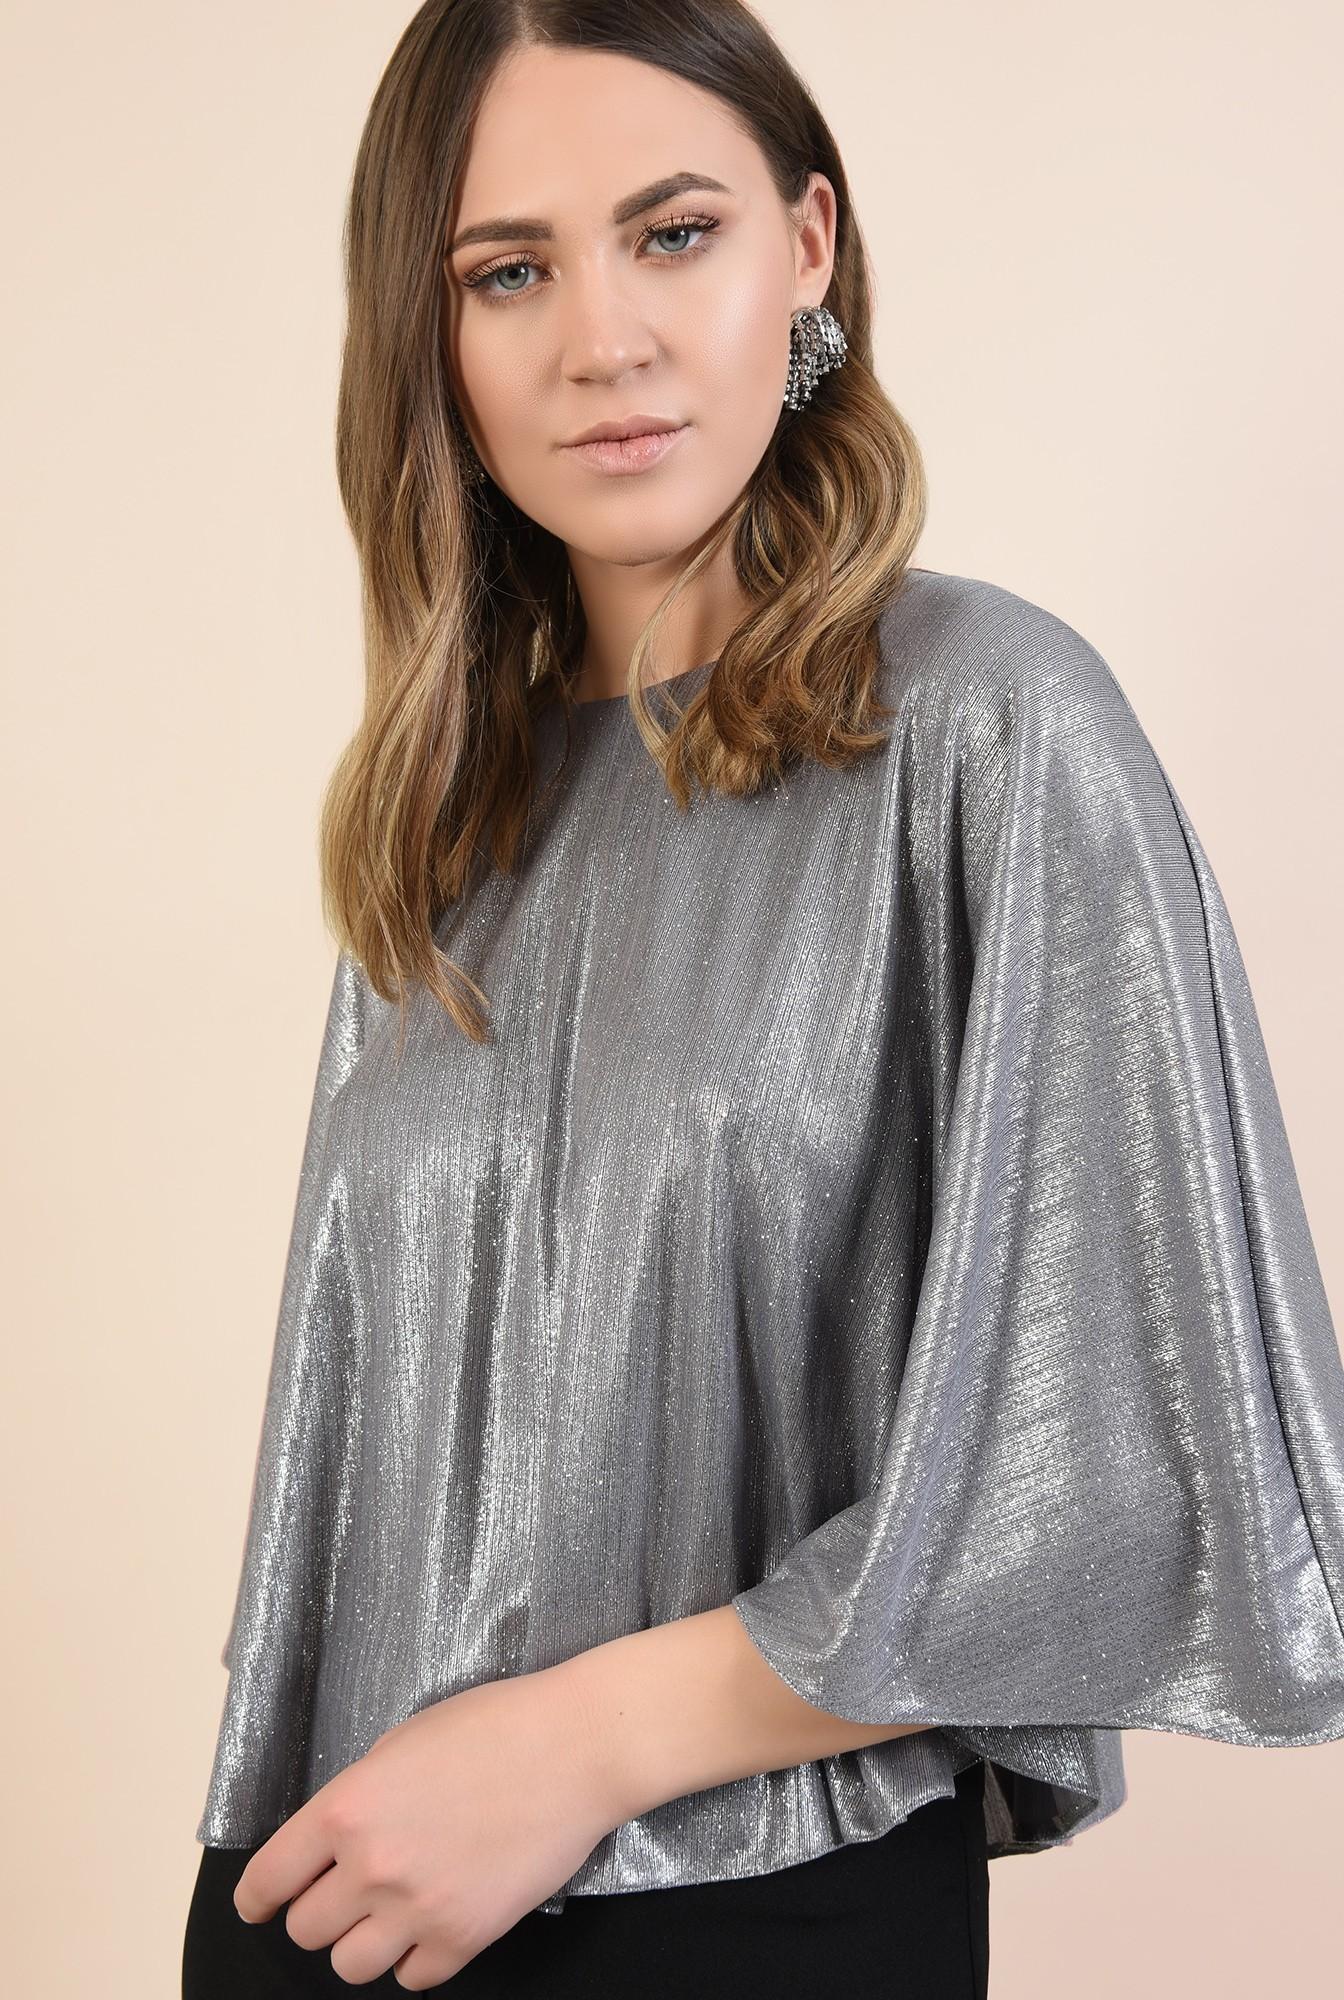 2 - bluza eleganta, tip capa, argintie, cu sclipici, maneci fluture